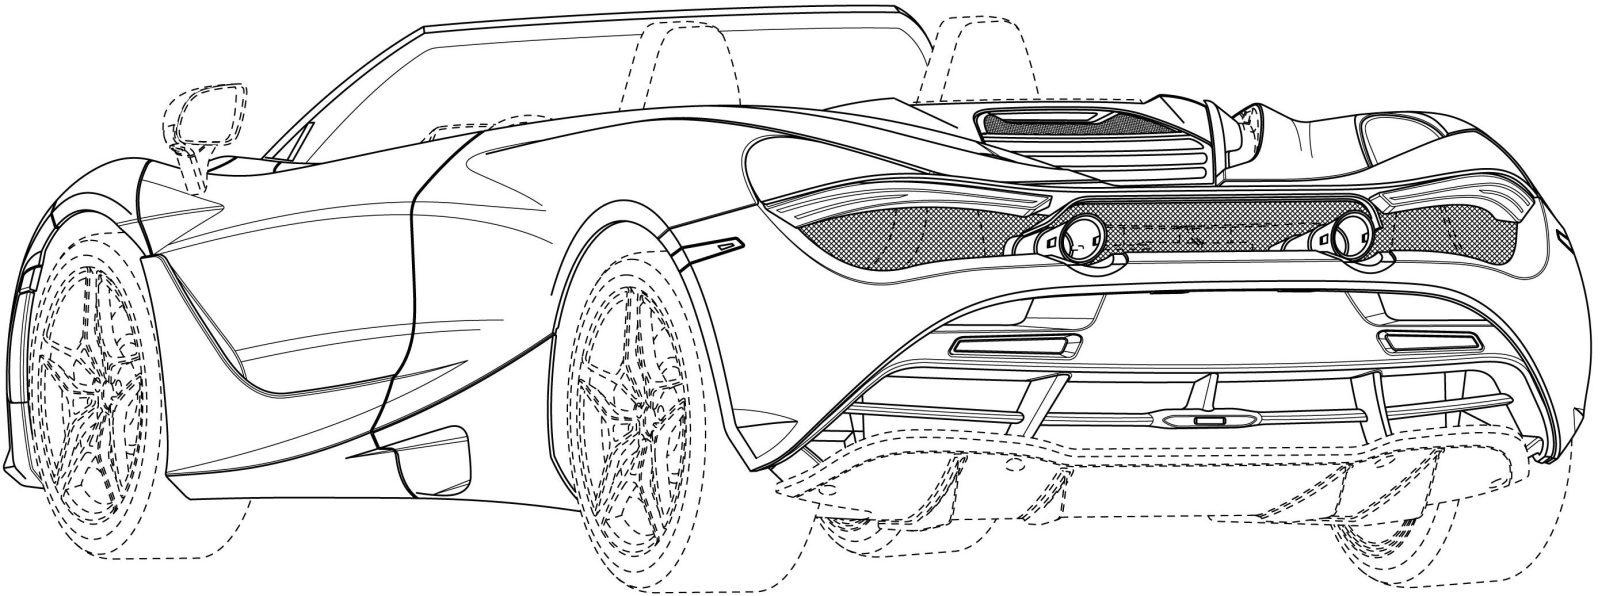 McLaren_720S_Spider_patent_images_0005